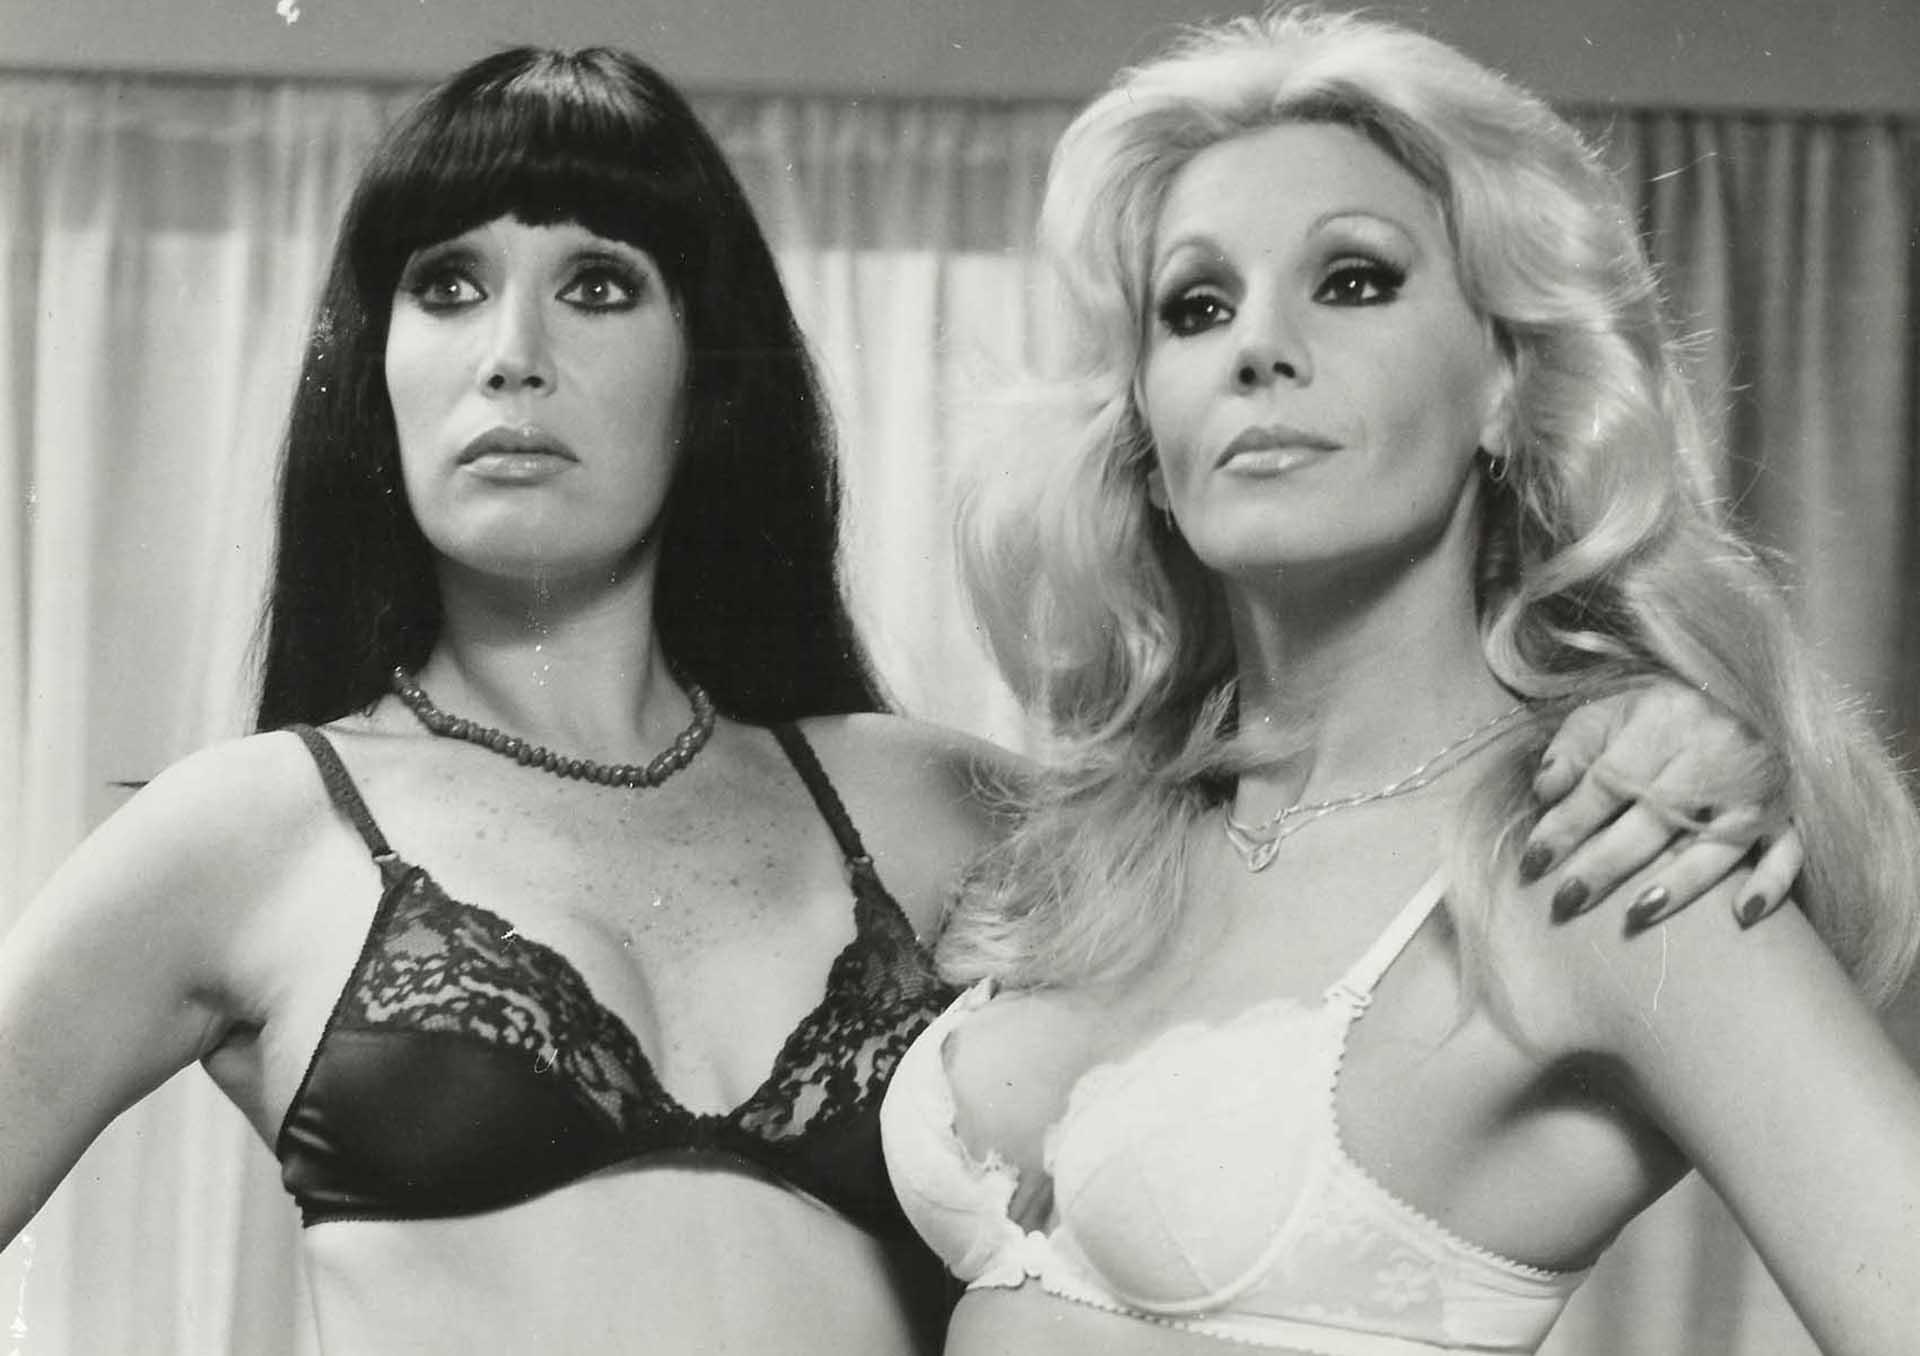 Junto con Moria Casán también estuvo en la pantalla grande. Ambas fueron íconos sexuales de la década de los 80